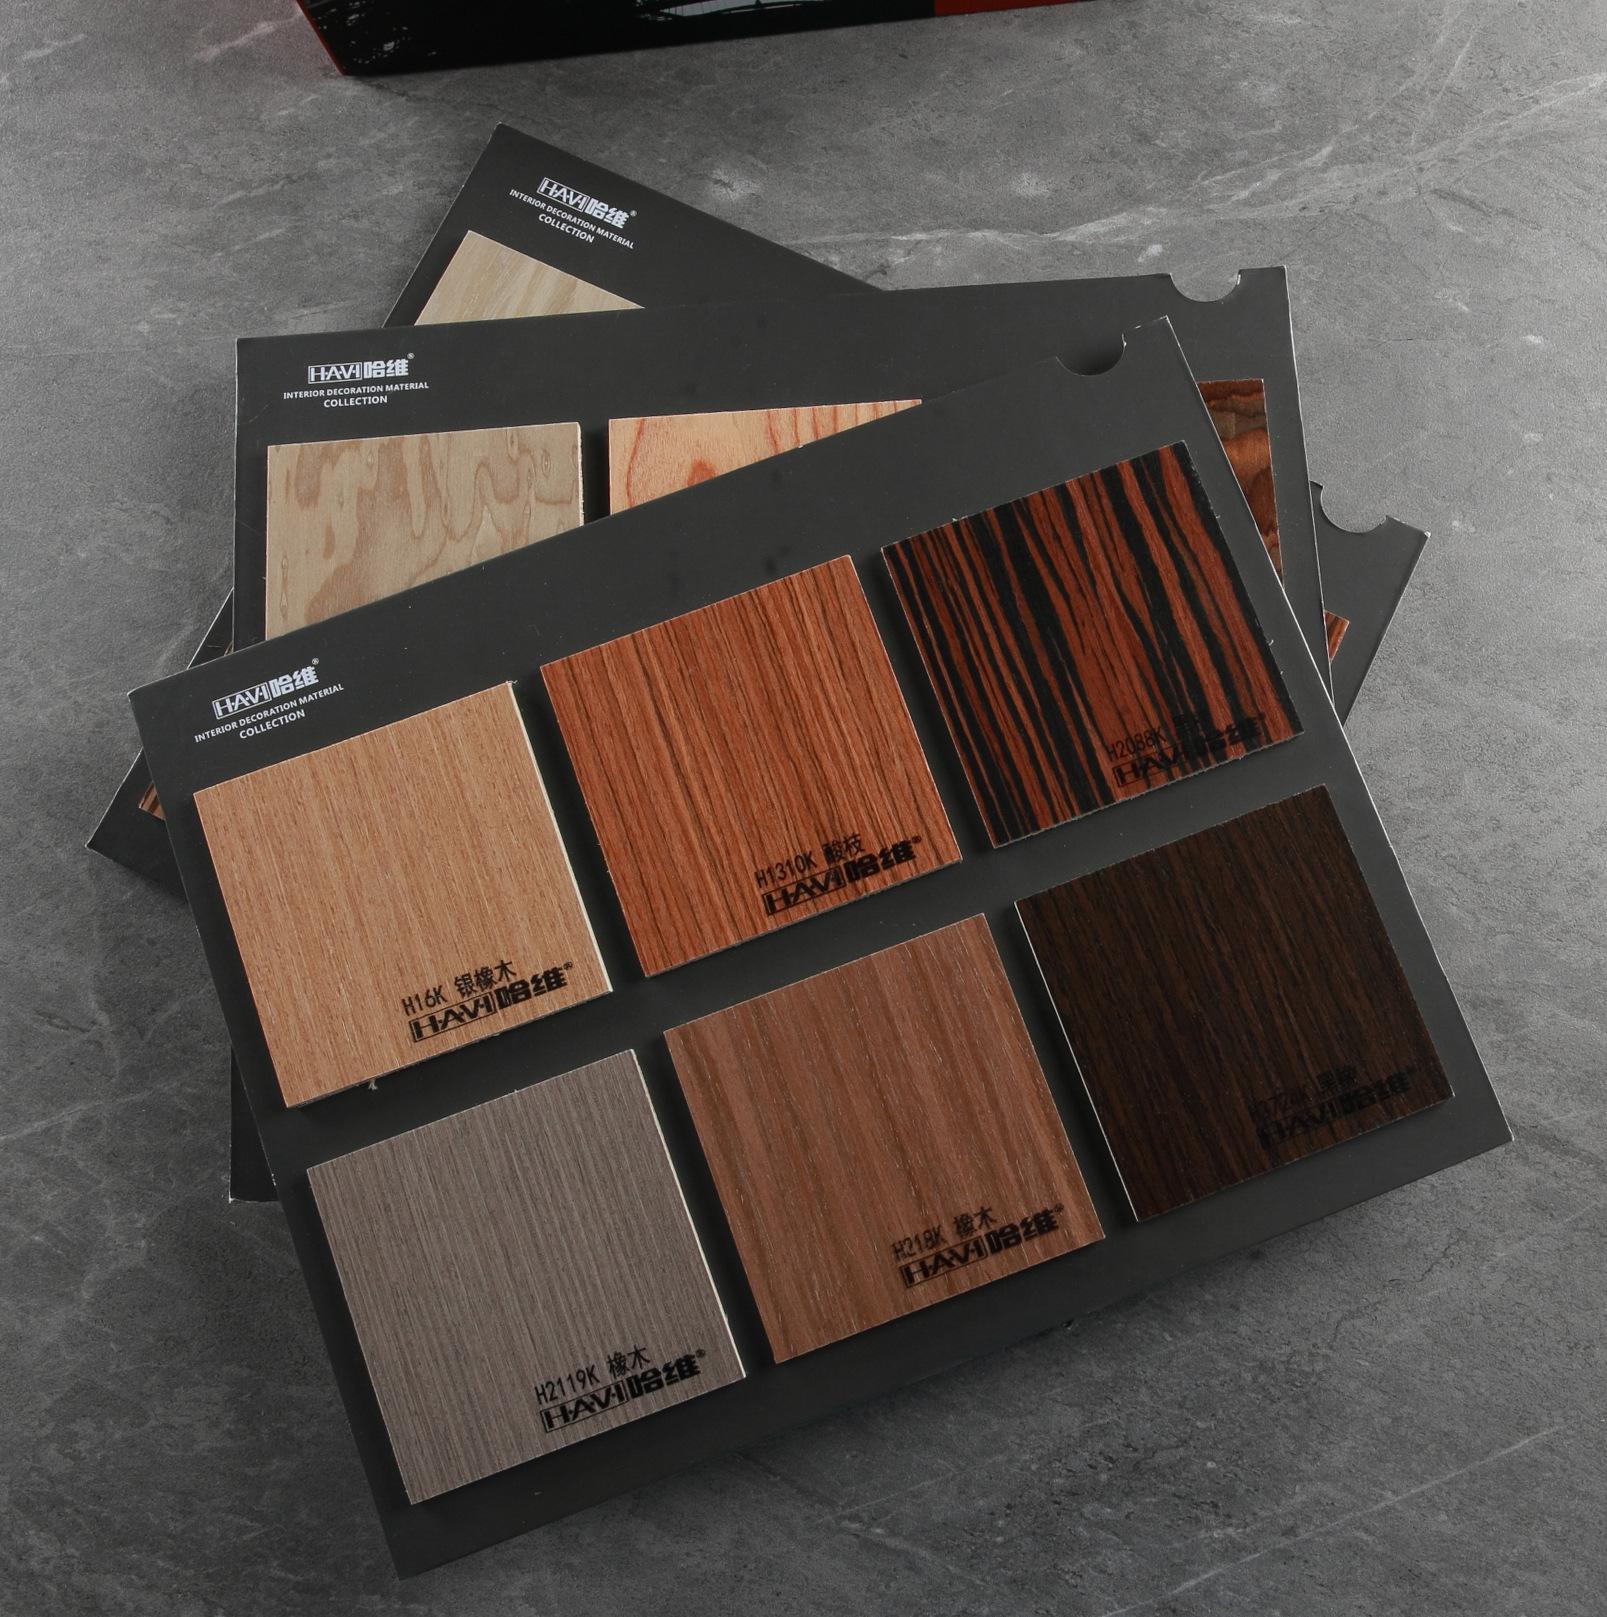 哈维品牌2018年样册涂装木皮板免漆木皮板科定板KD板